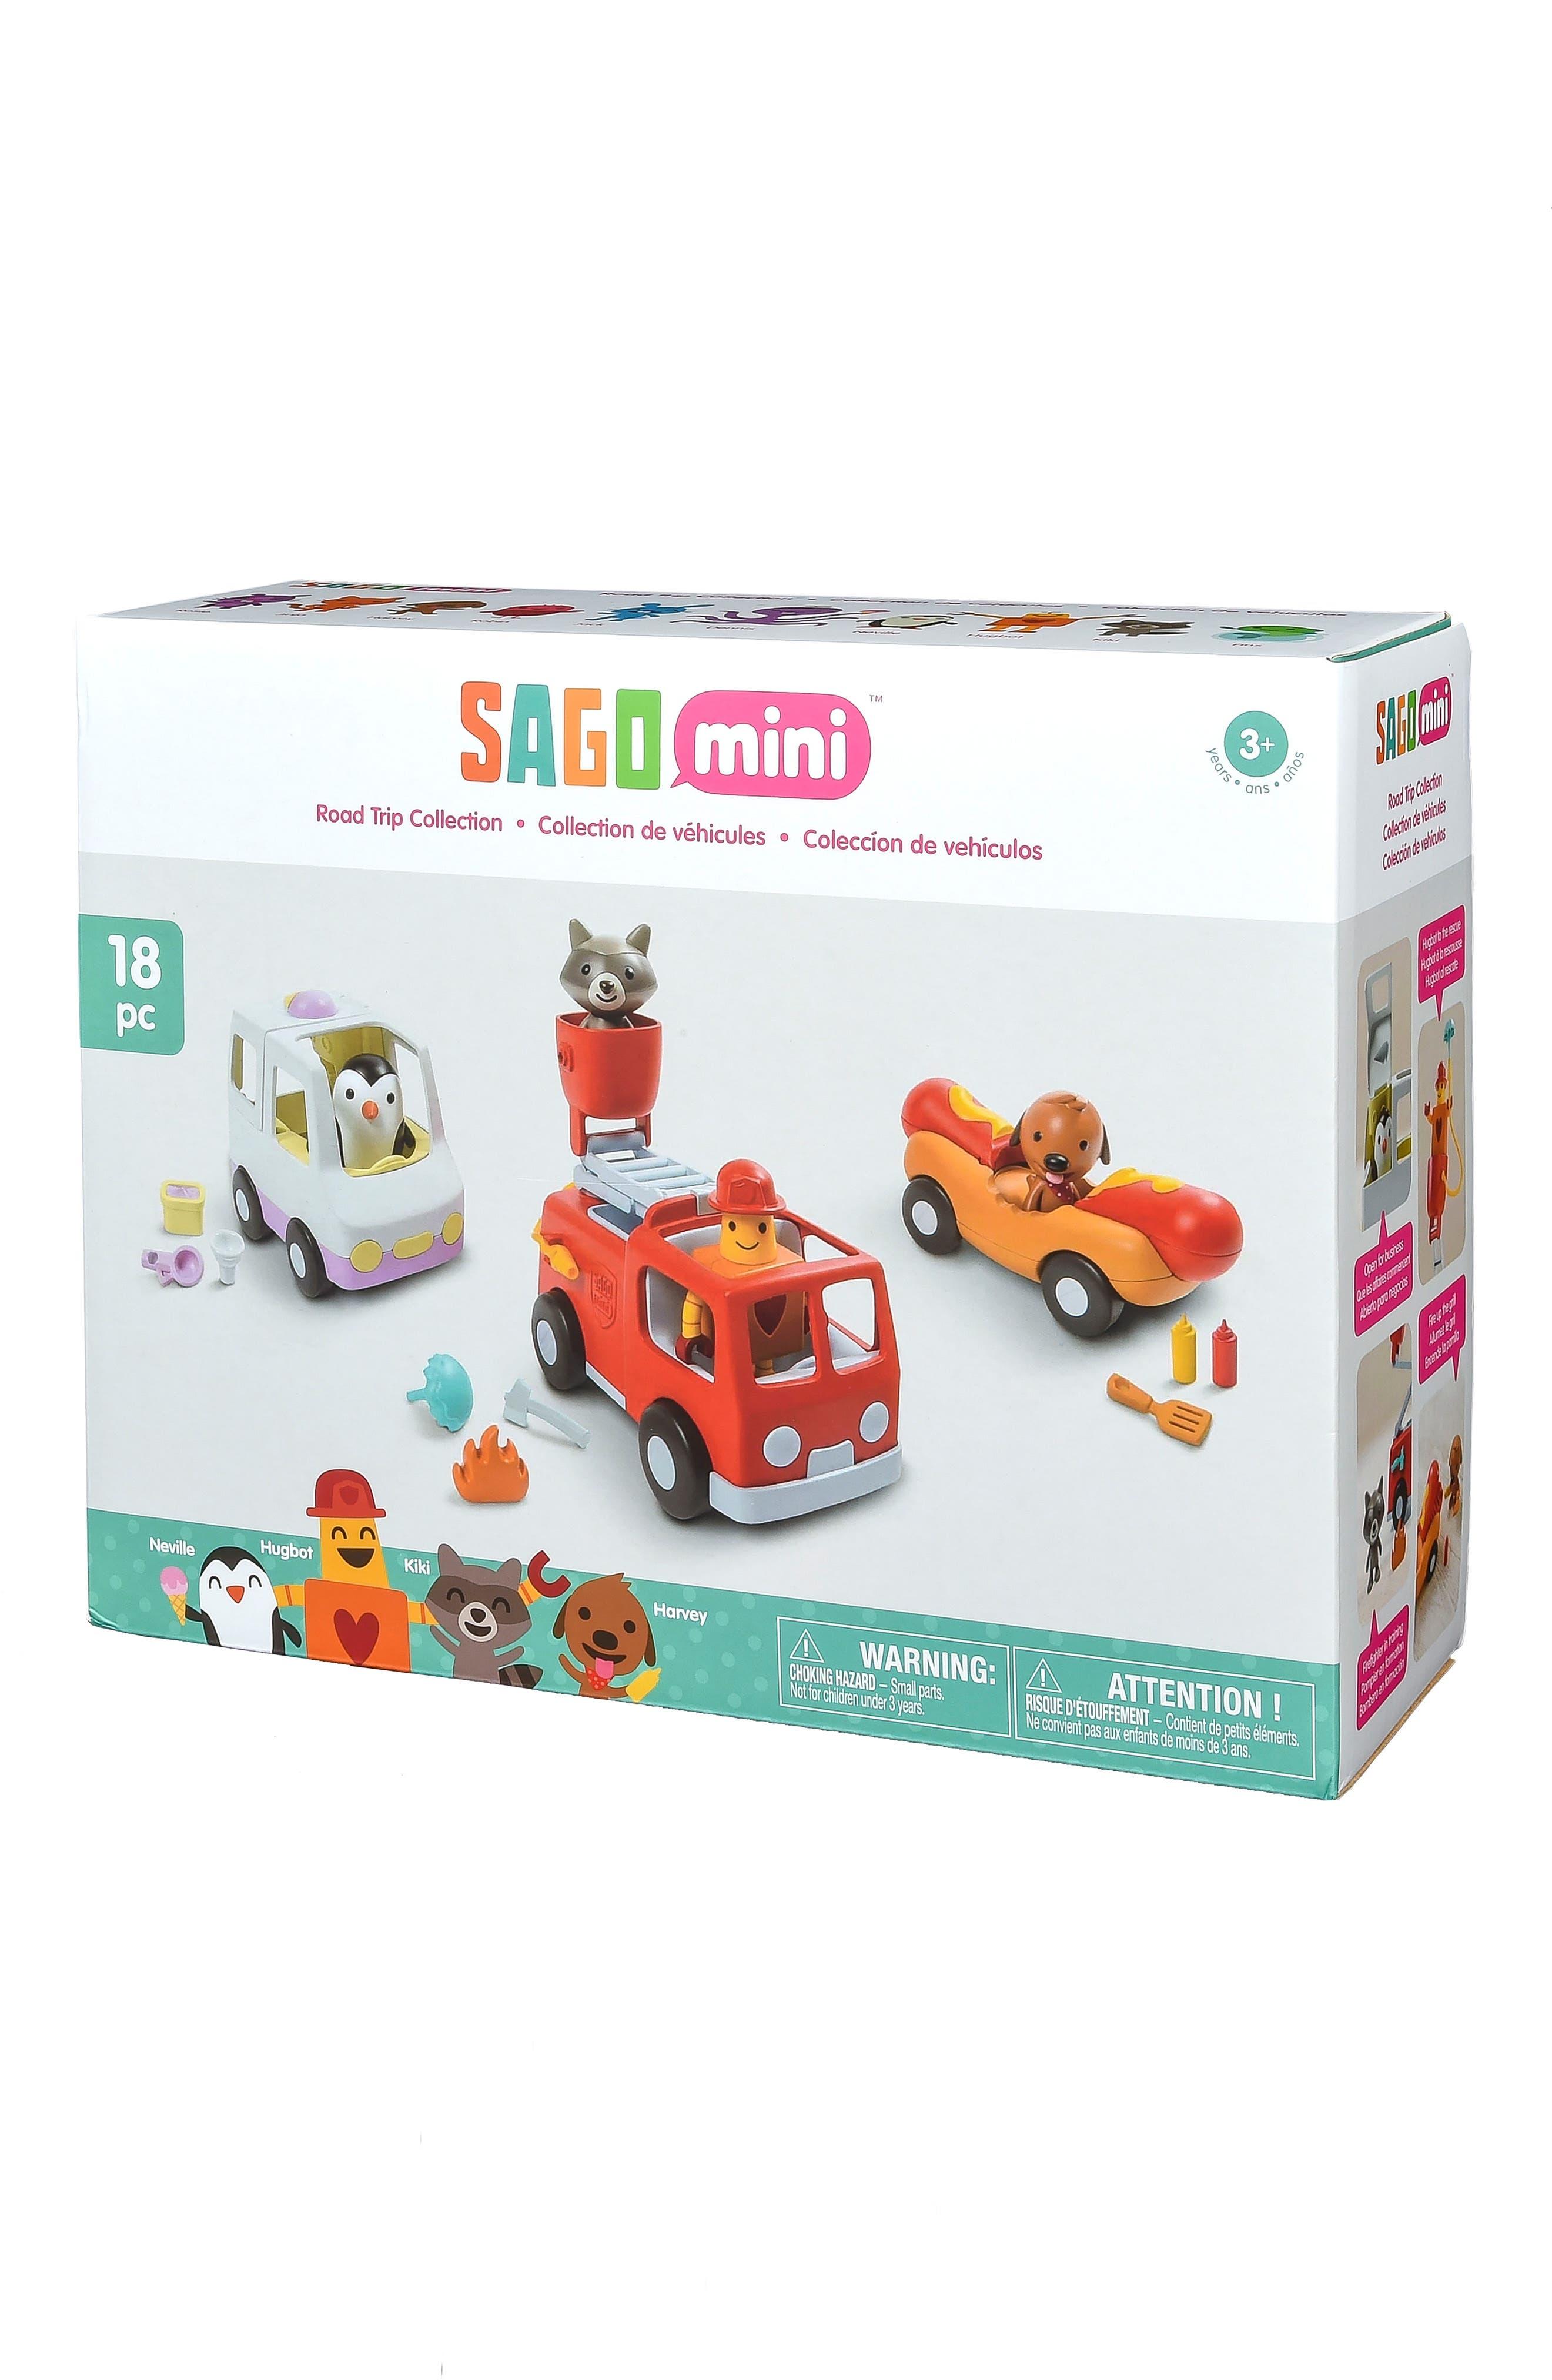 Alternate Image 1 Selected - Sago Mini Road Trip Play Set